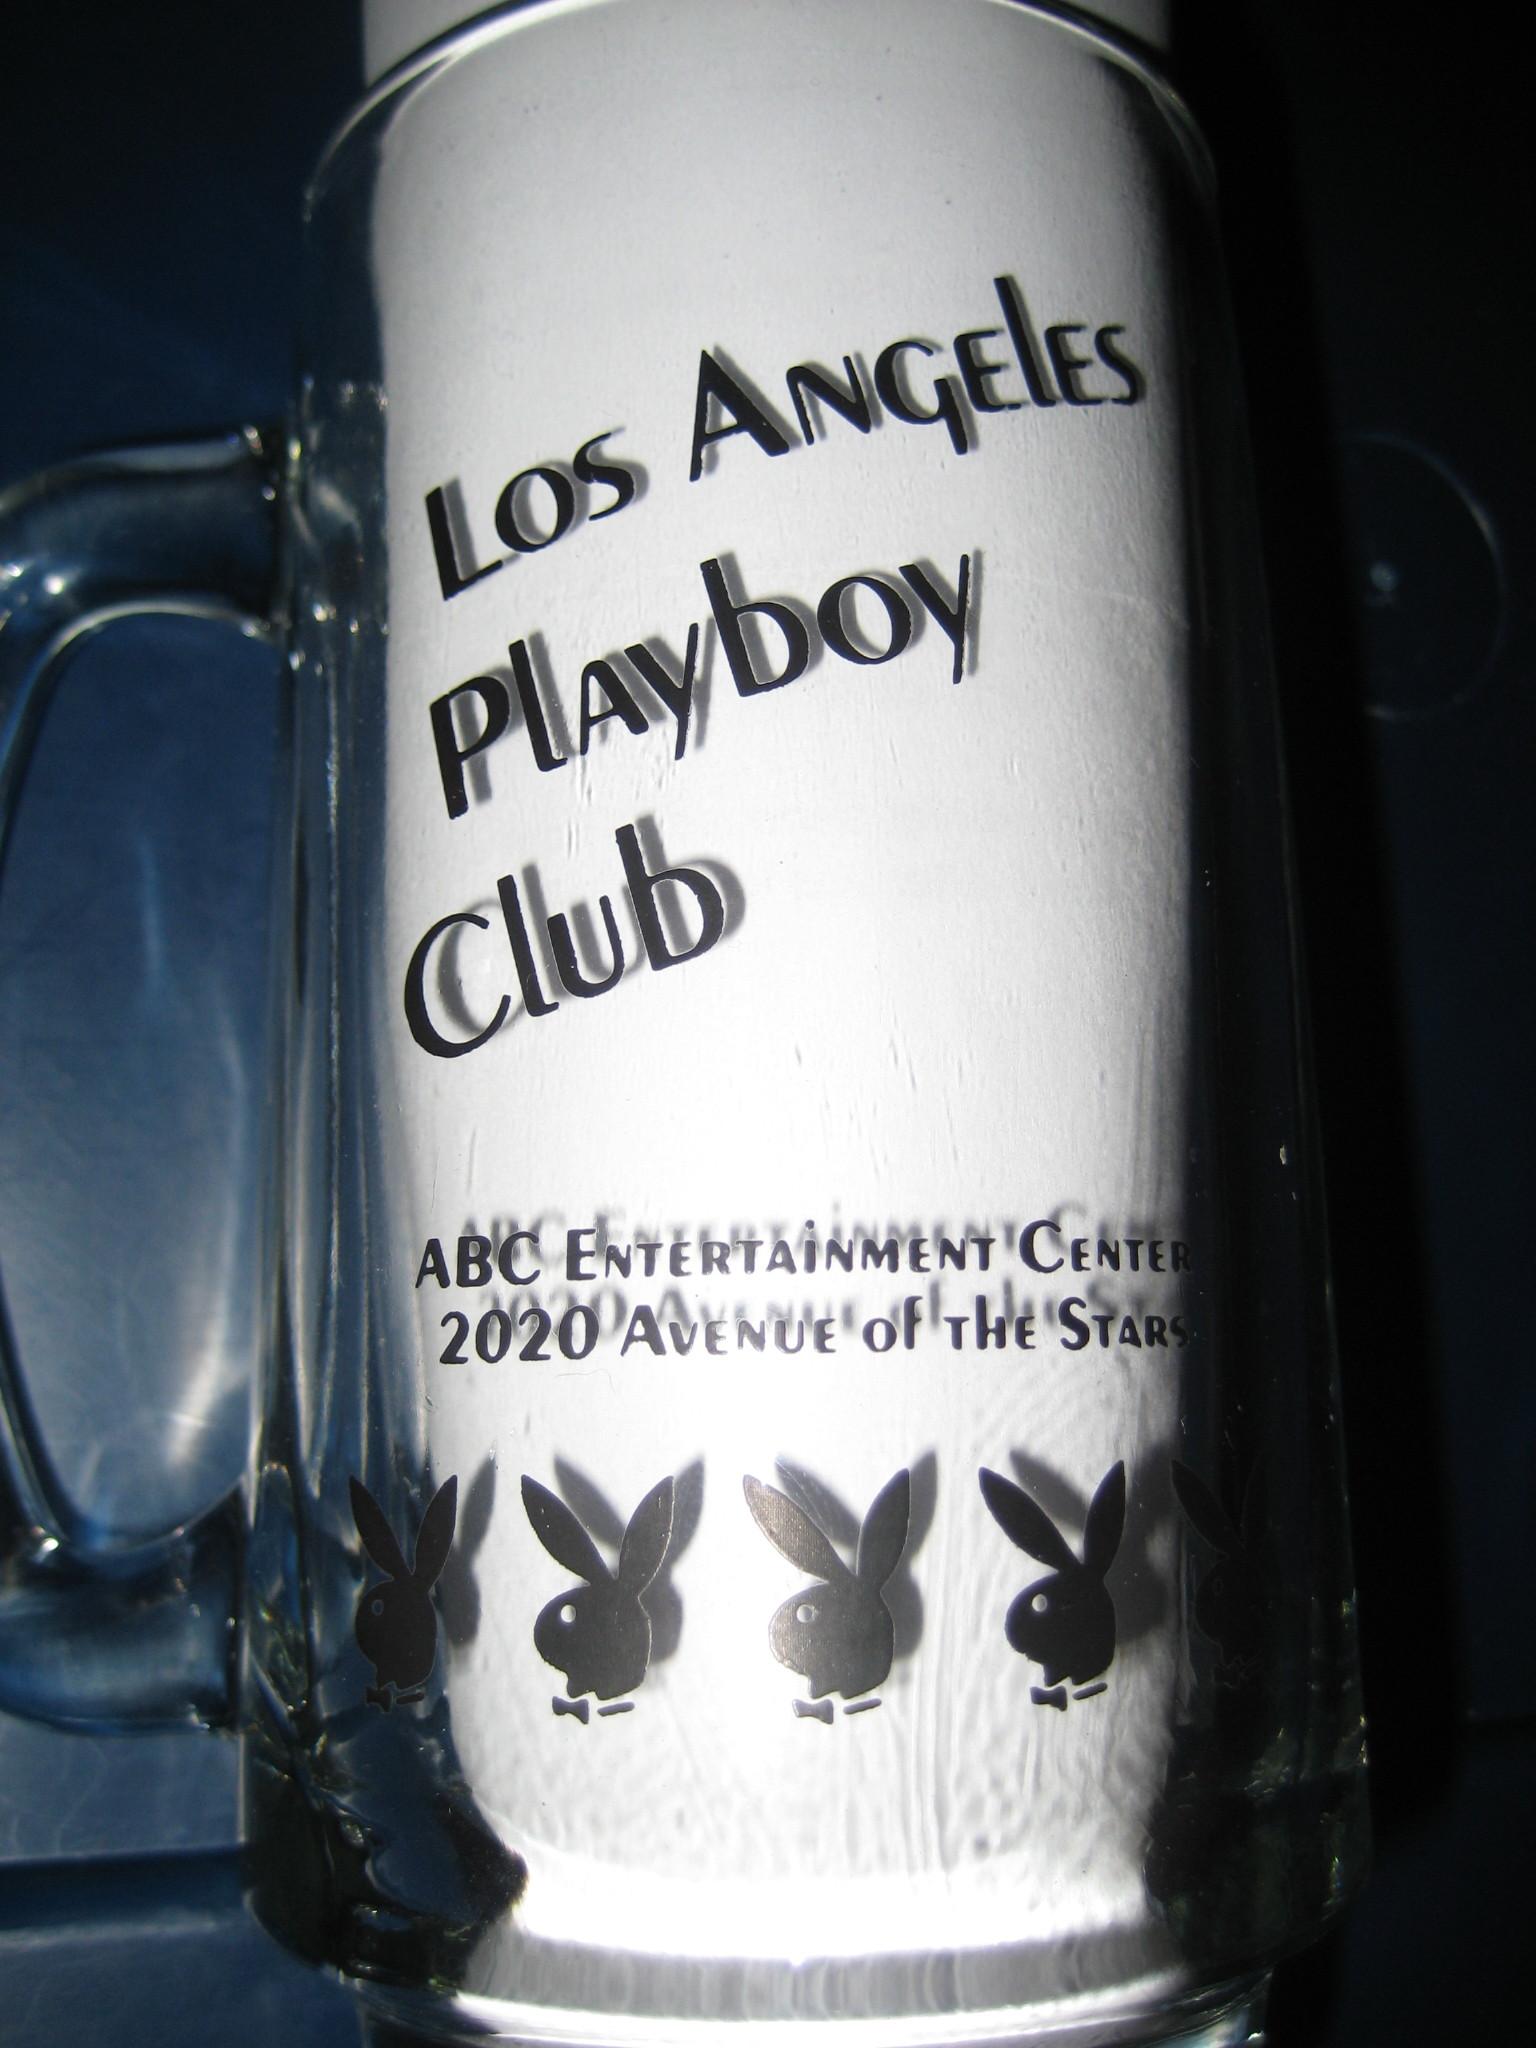 Los Angeles Playboy Club Clear Mug